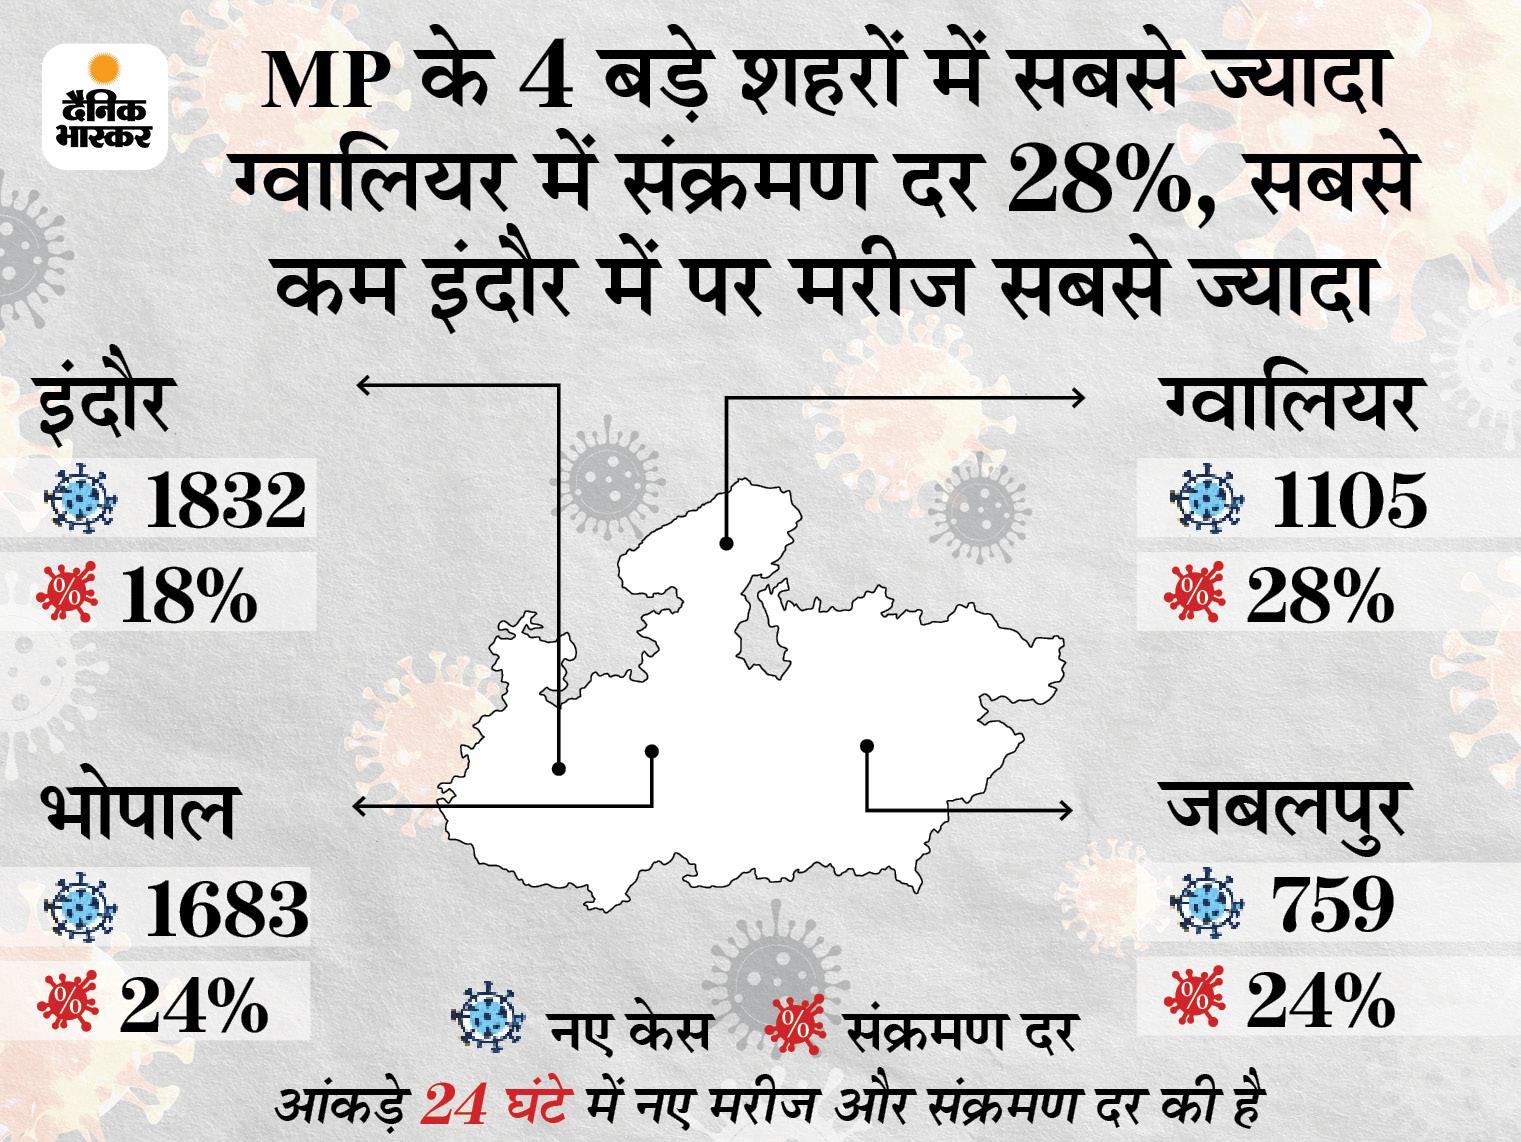 प्रदेश के 4 बड़े शहरों में 24 घंटे में 6,639 मरीज ठीक हुए; लगातार दूसरे दिन नए संक्रमितों से ज्यादा लोग रिकवर हुए|मध्य प्रदेश,Madhya Pradesh - Dainik Bhaskar